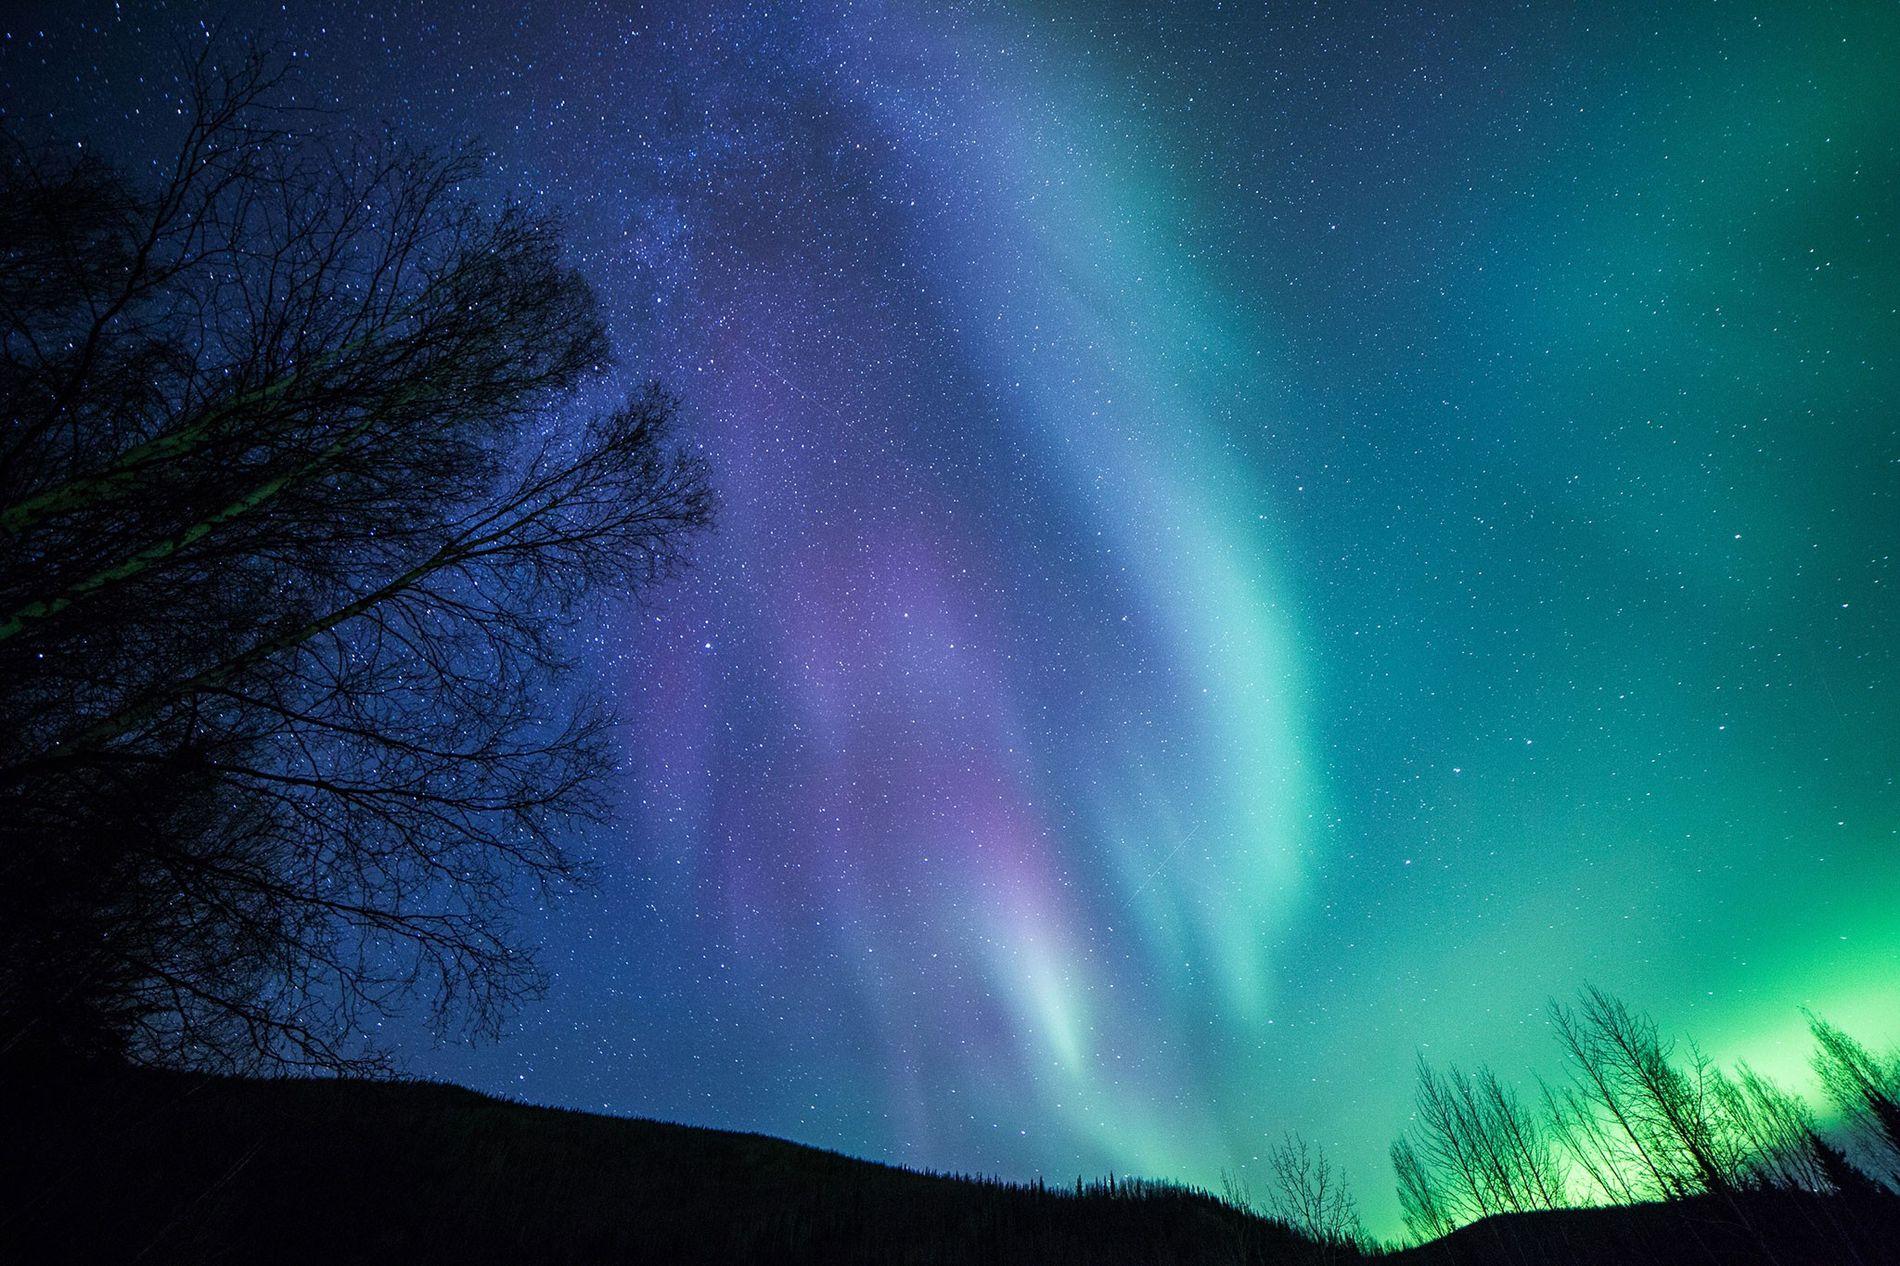 Une aurore boréale illumine le ciel au-dessus de Fairbanks, en Alaska.